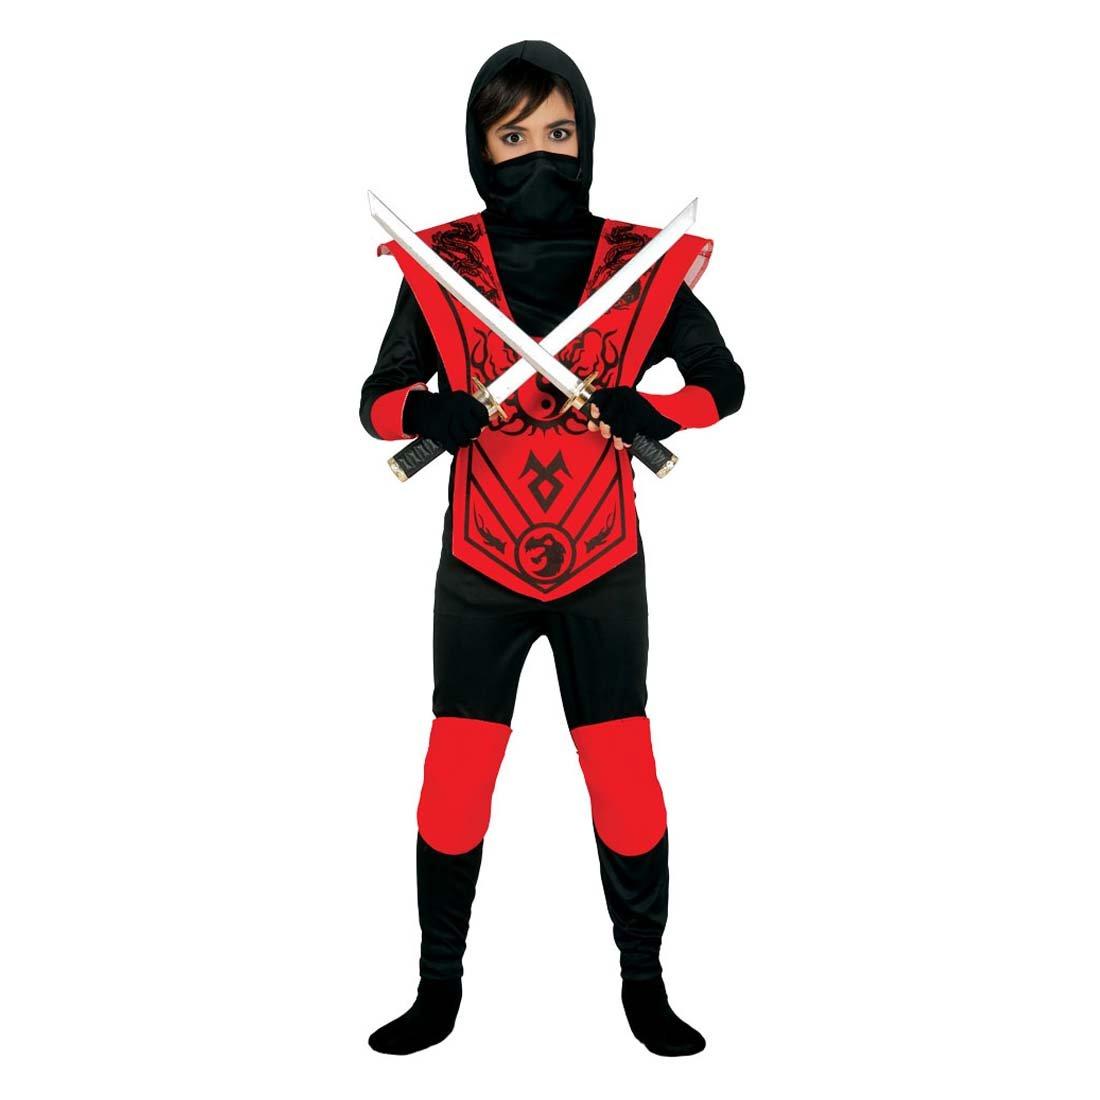 NET TOYS Disfraz Infantil de Ninja Traje Guerrero Ninja niño ...